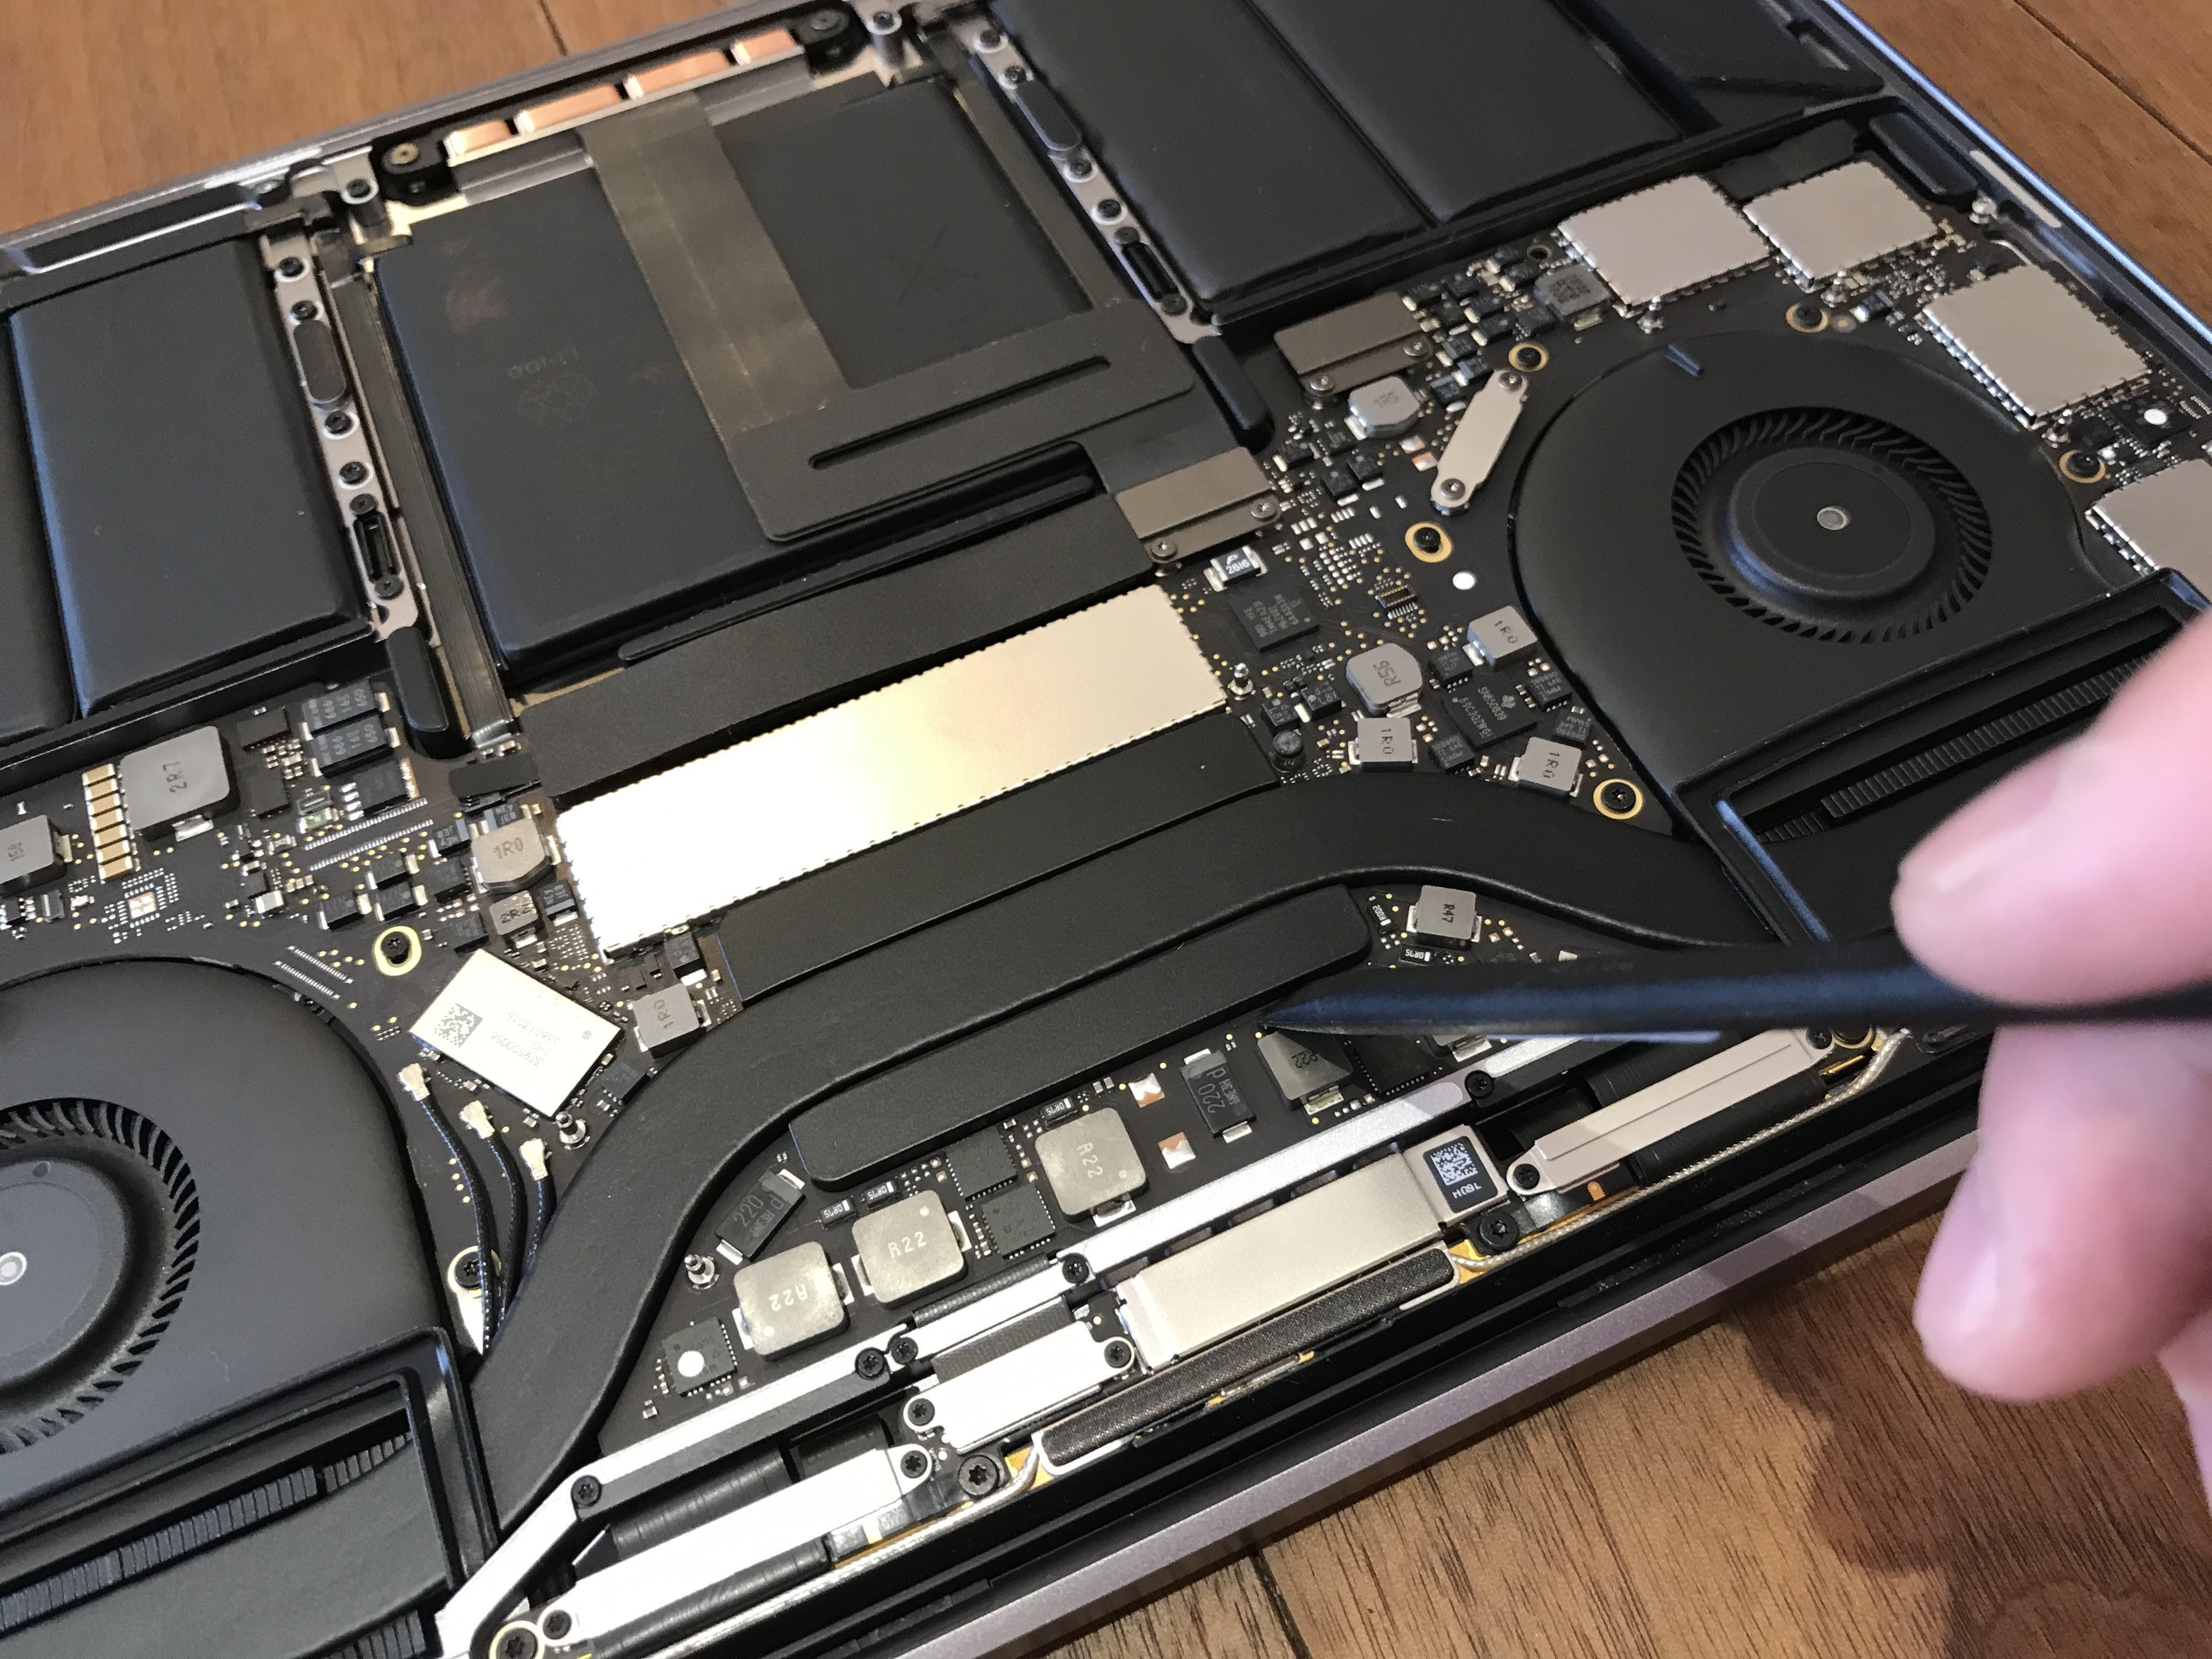 MacBook Proのヒートシンクをツールでこじ開けようとしている様子